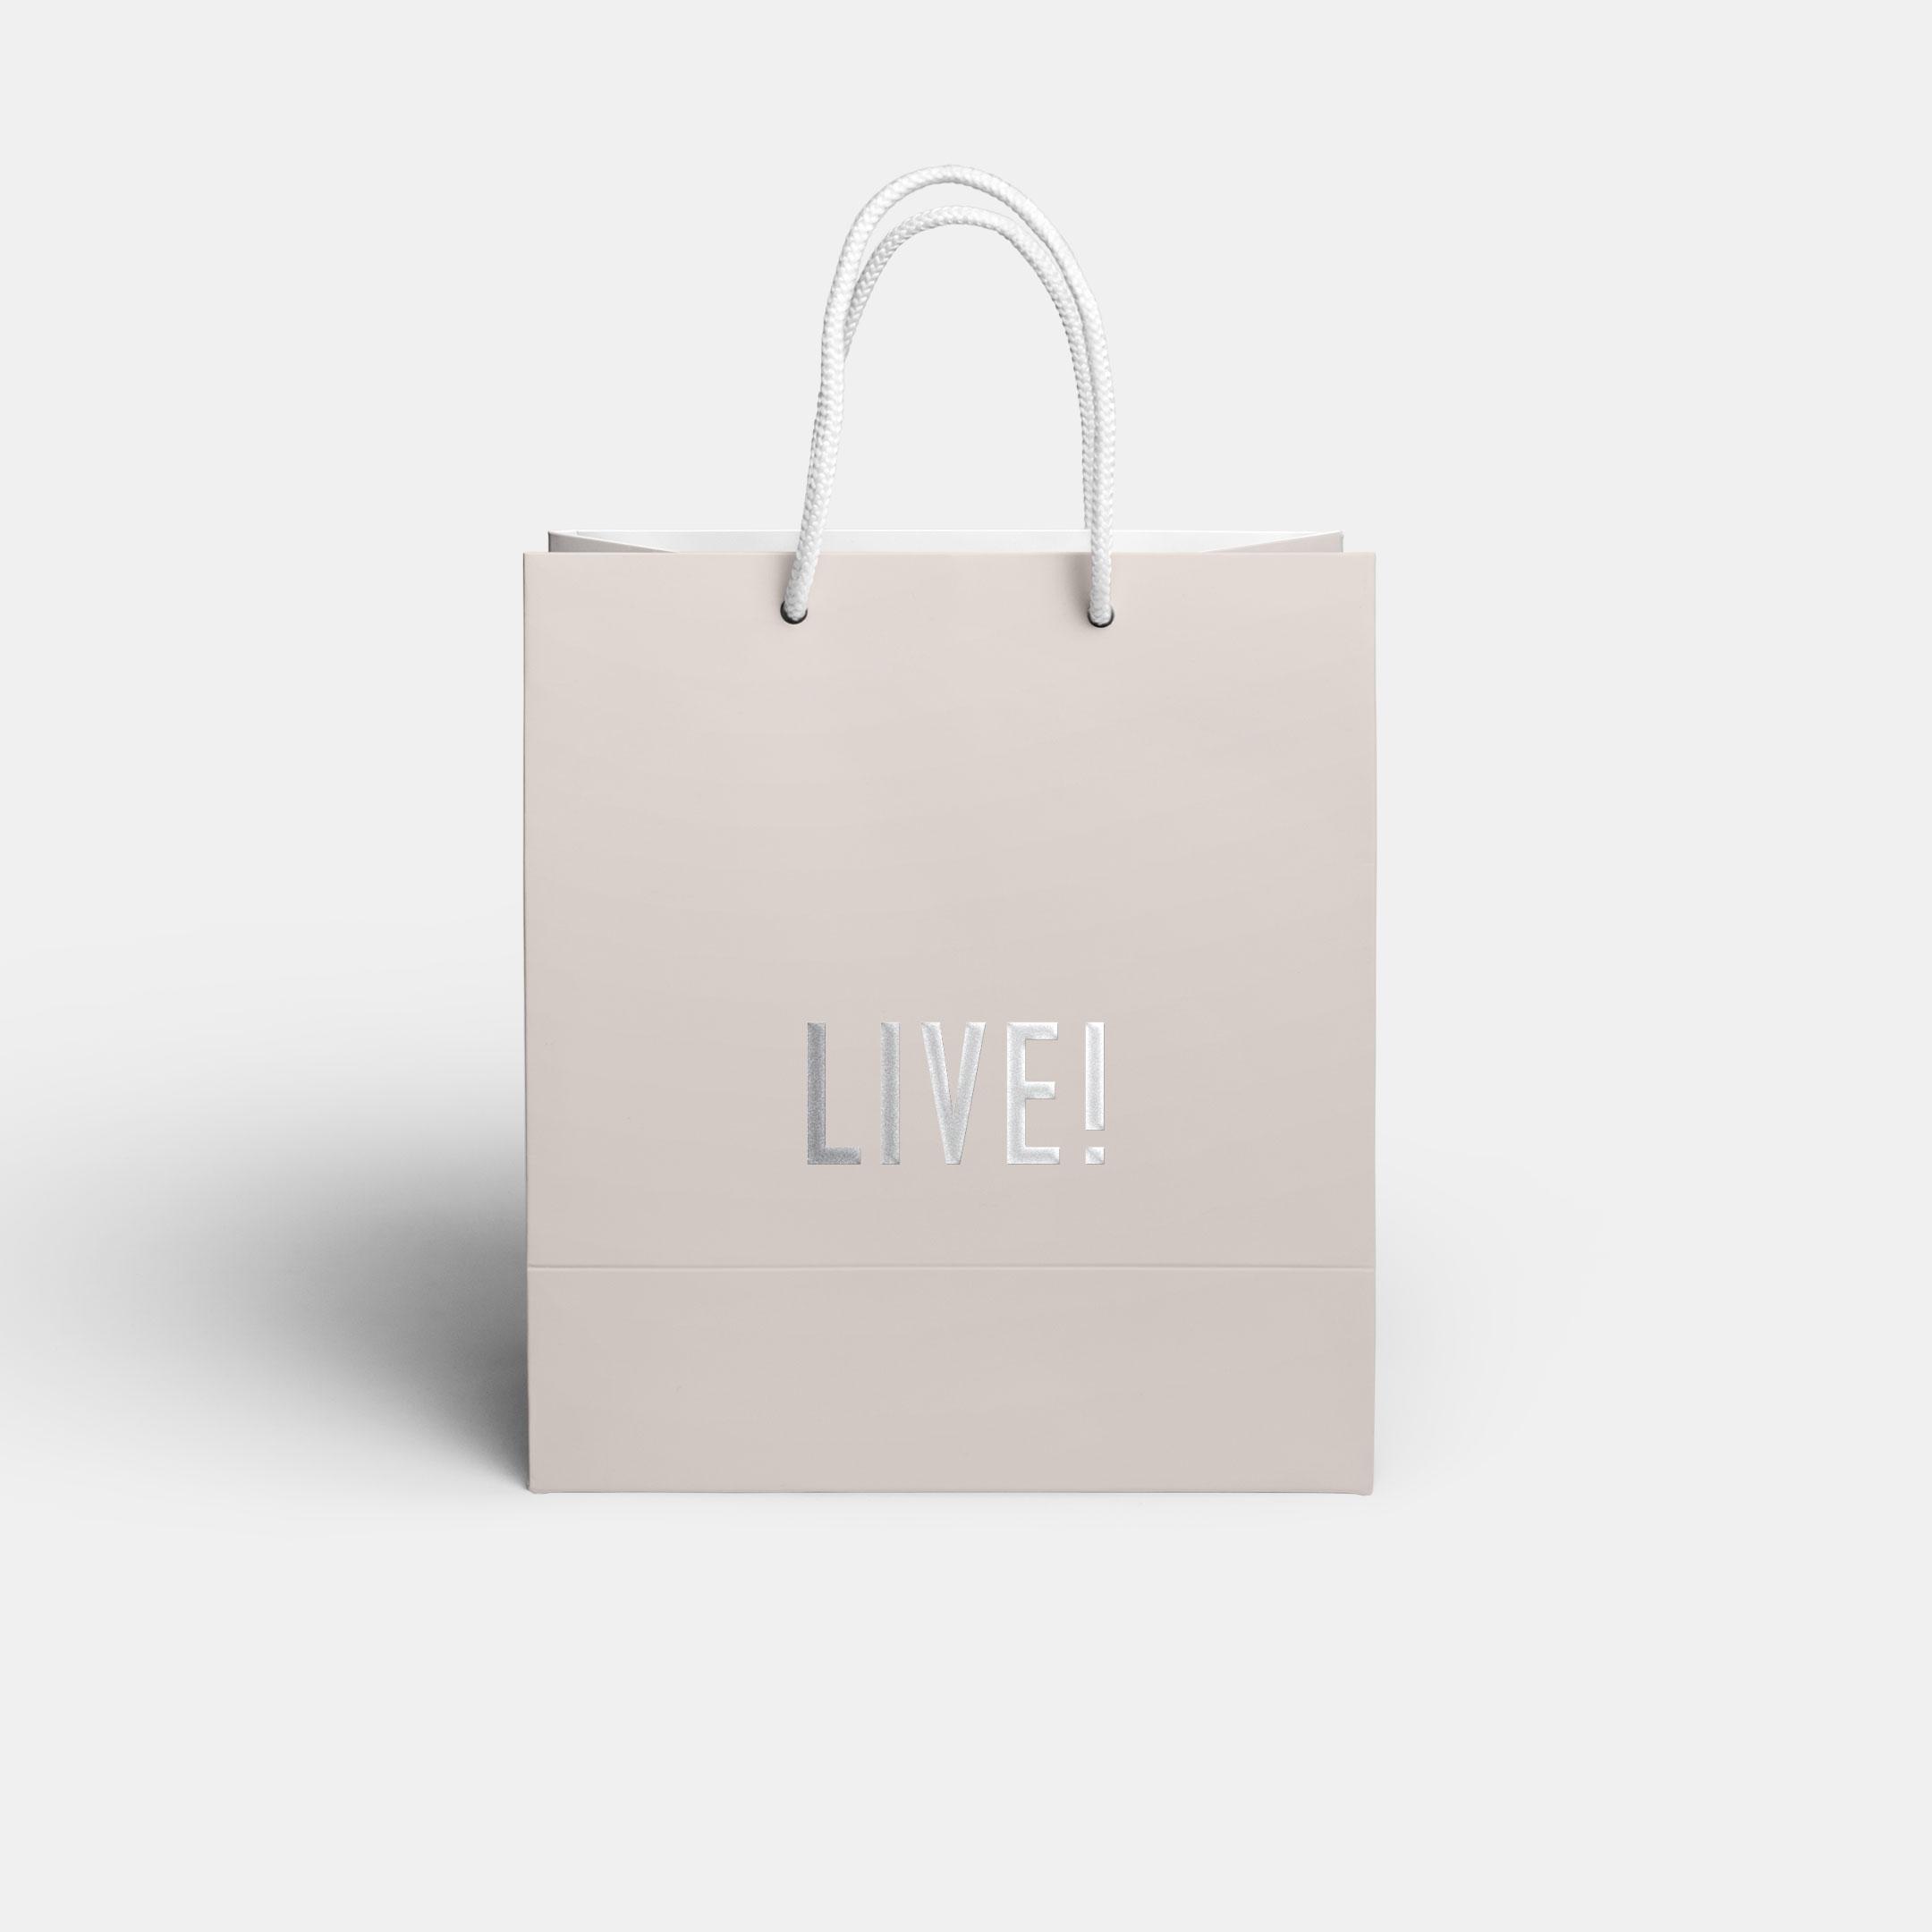 firmorama_live_11